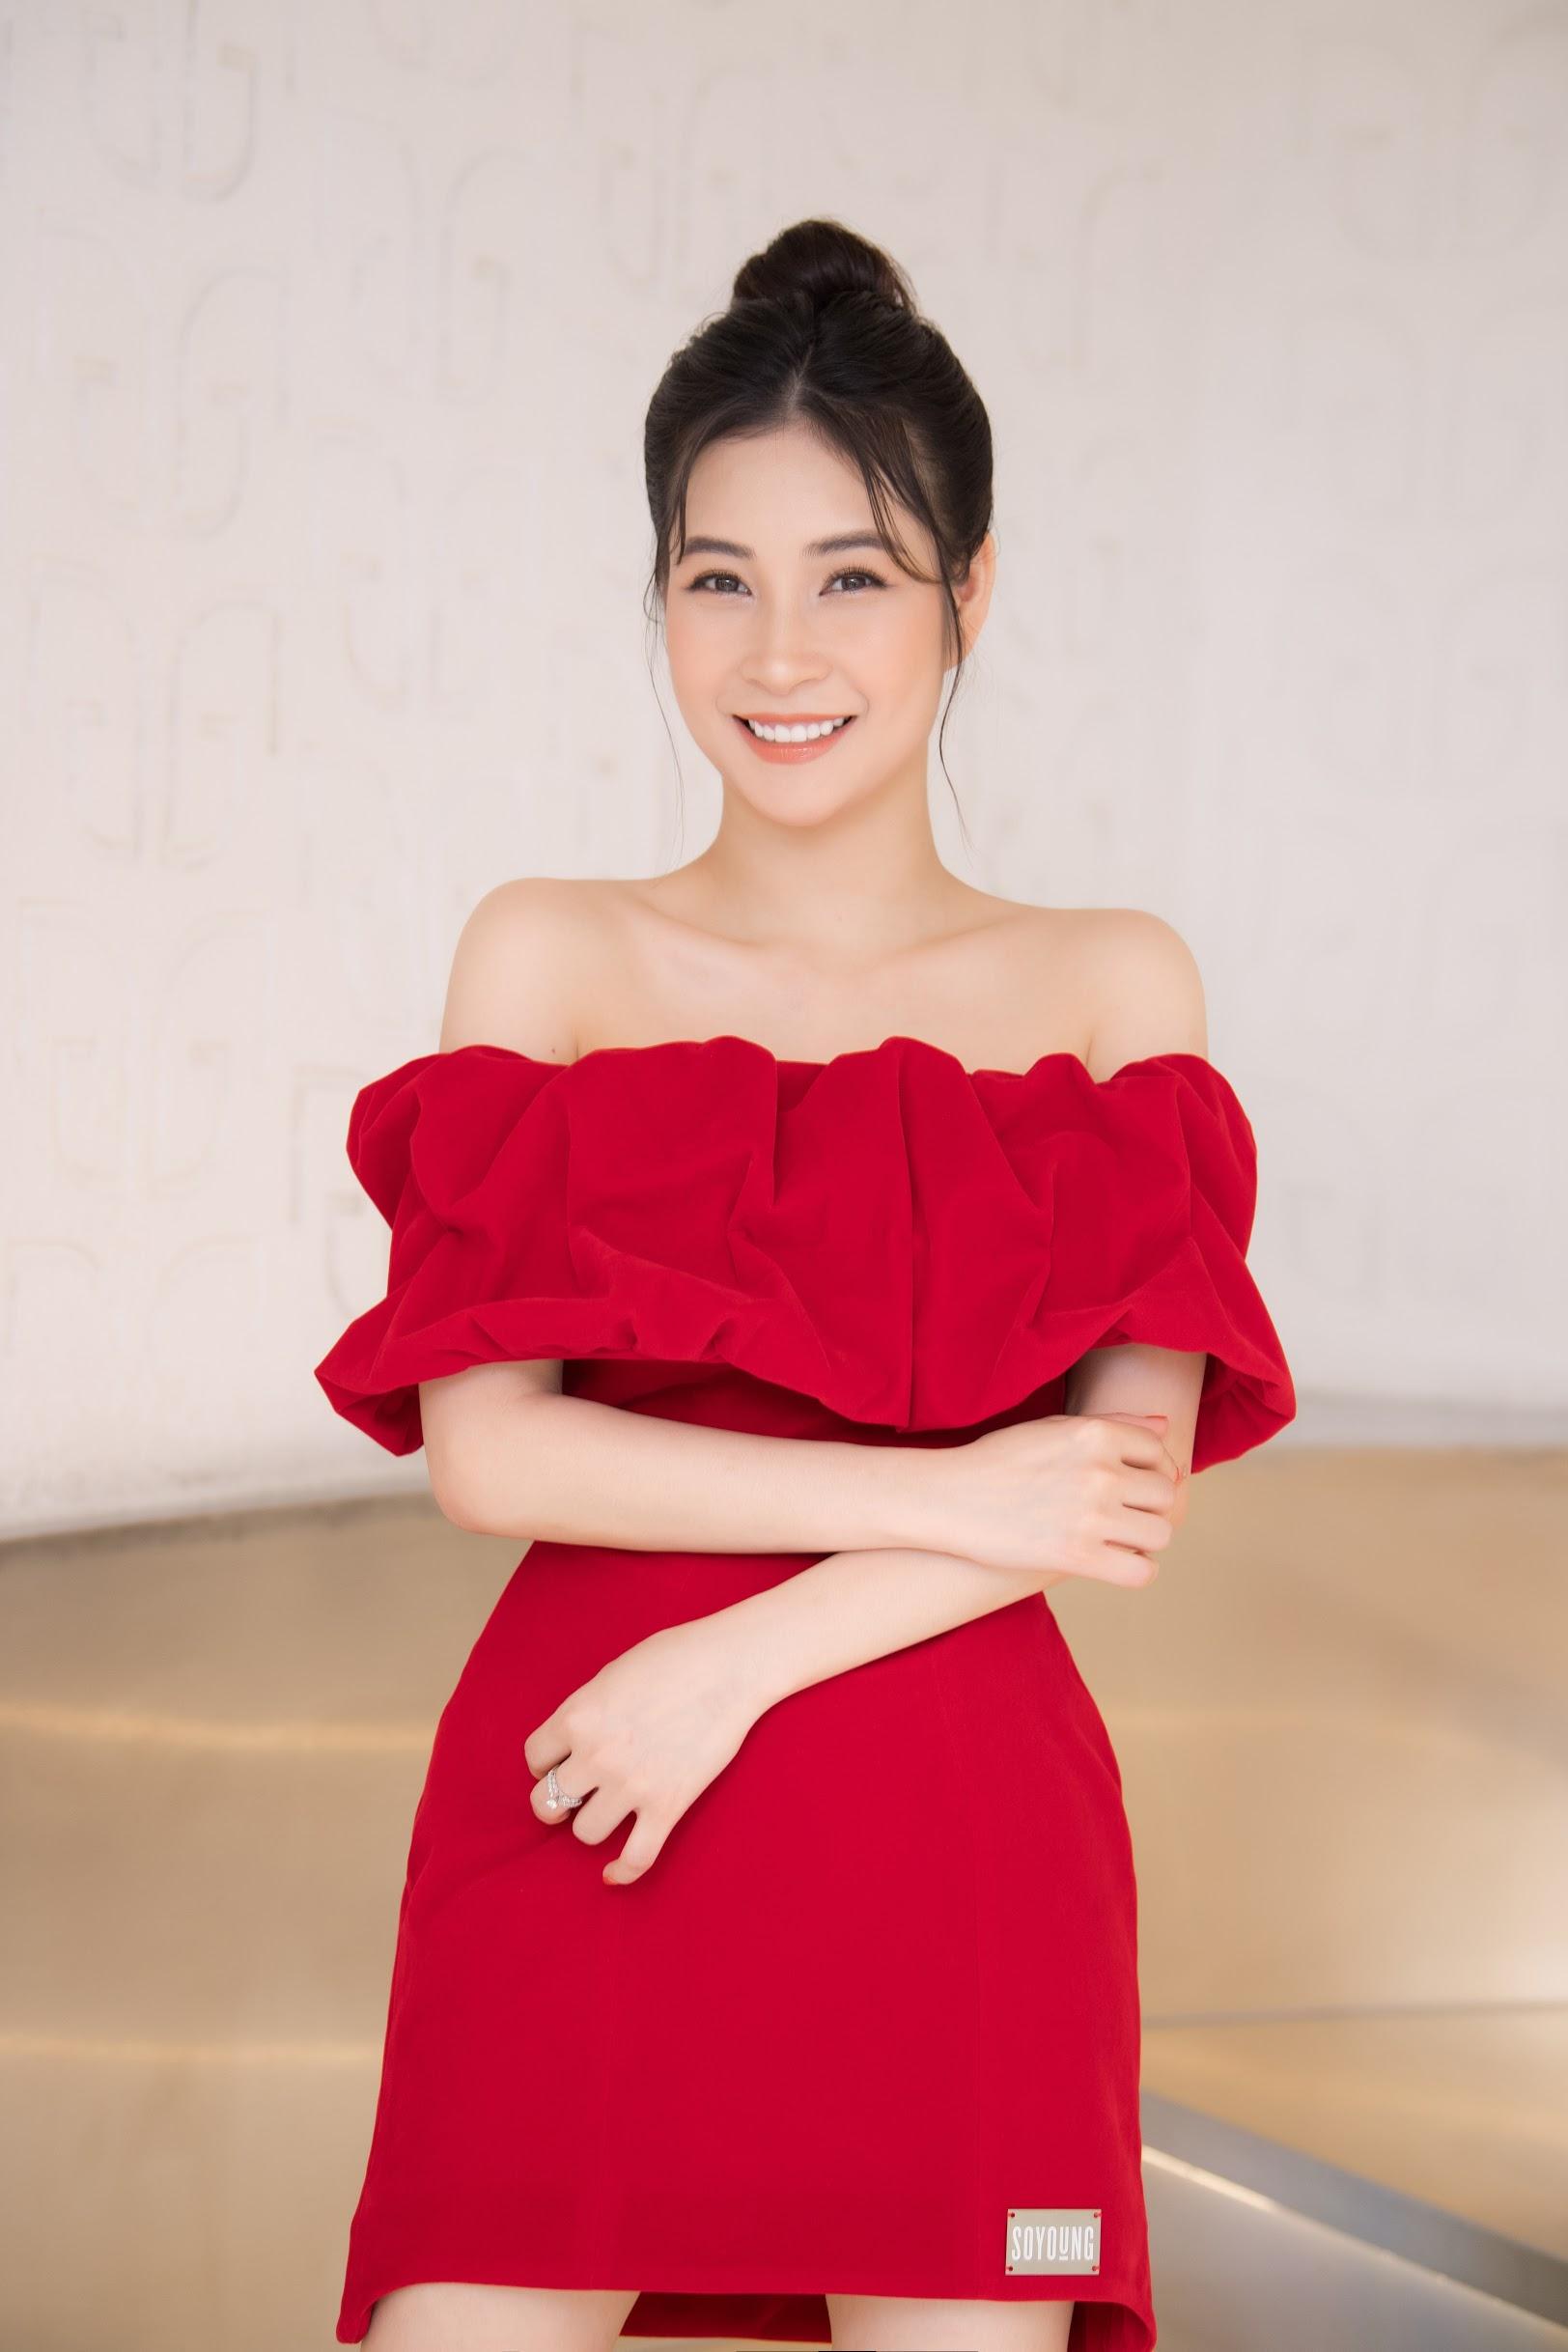 Sau cuộc thi đó, Thiên My từng nhận được nhiều lời mời Nam tiến nhưng cô lại e ngại và từ chối.